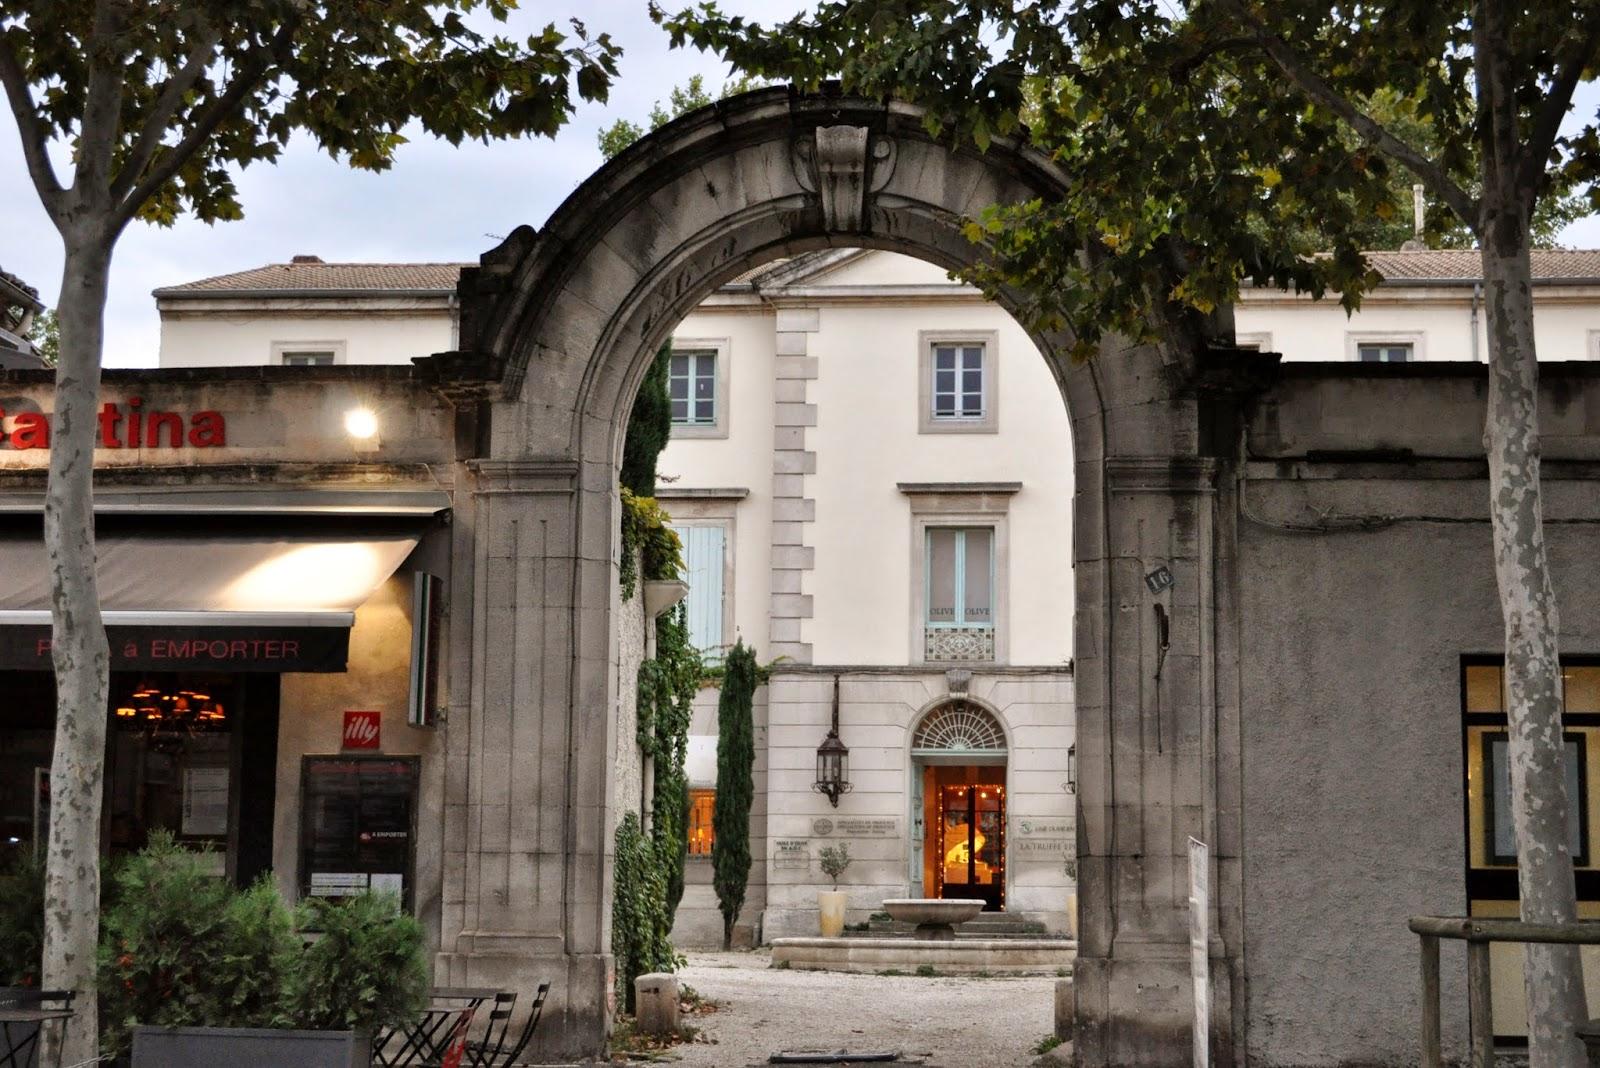 Maison Du Monde Augny Unique Images Maison Du Monde Marseille La Valentine Trendy Jpeg Ko with Maison